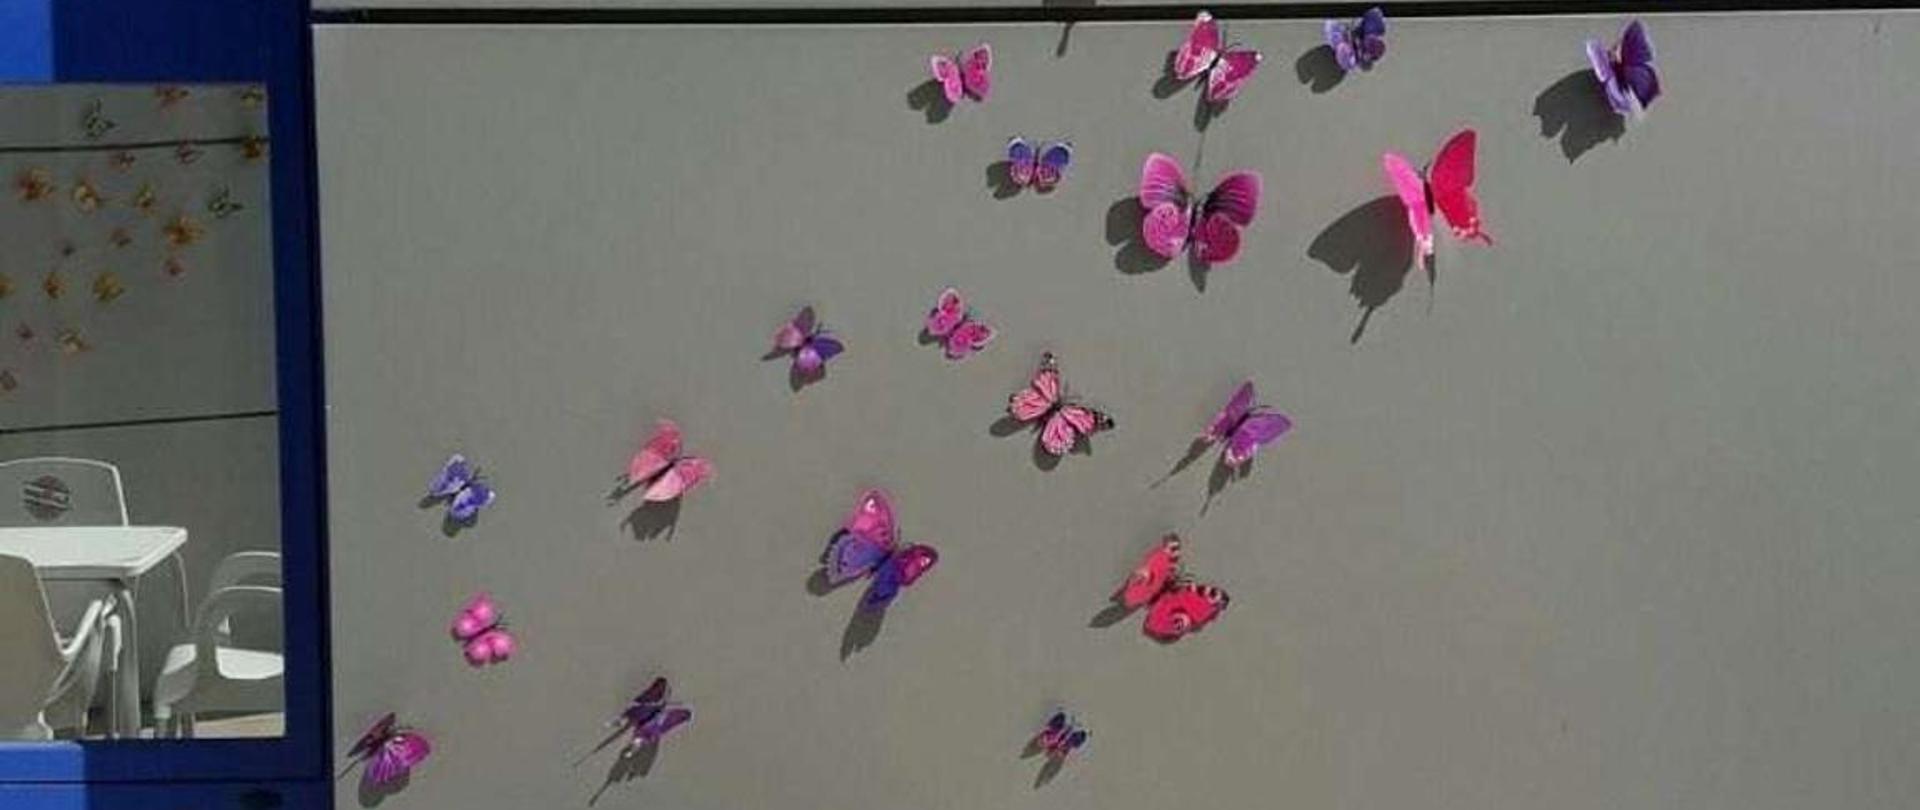 piscina-mariposas-rosas.jpg